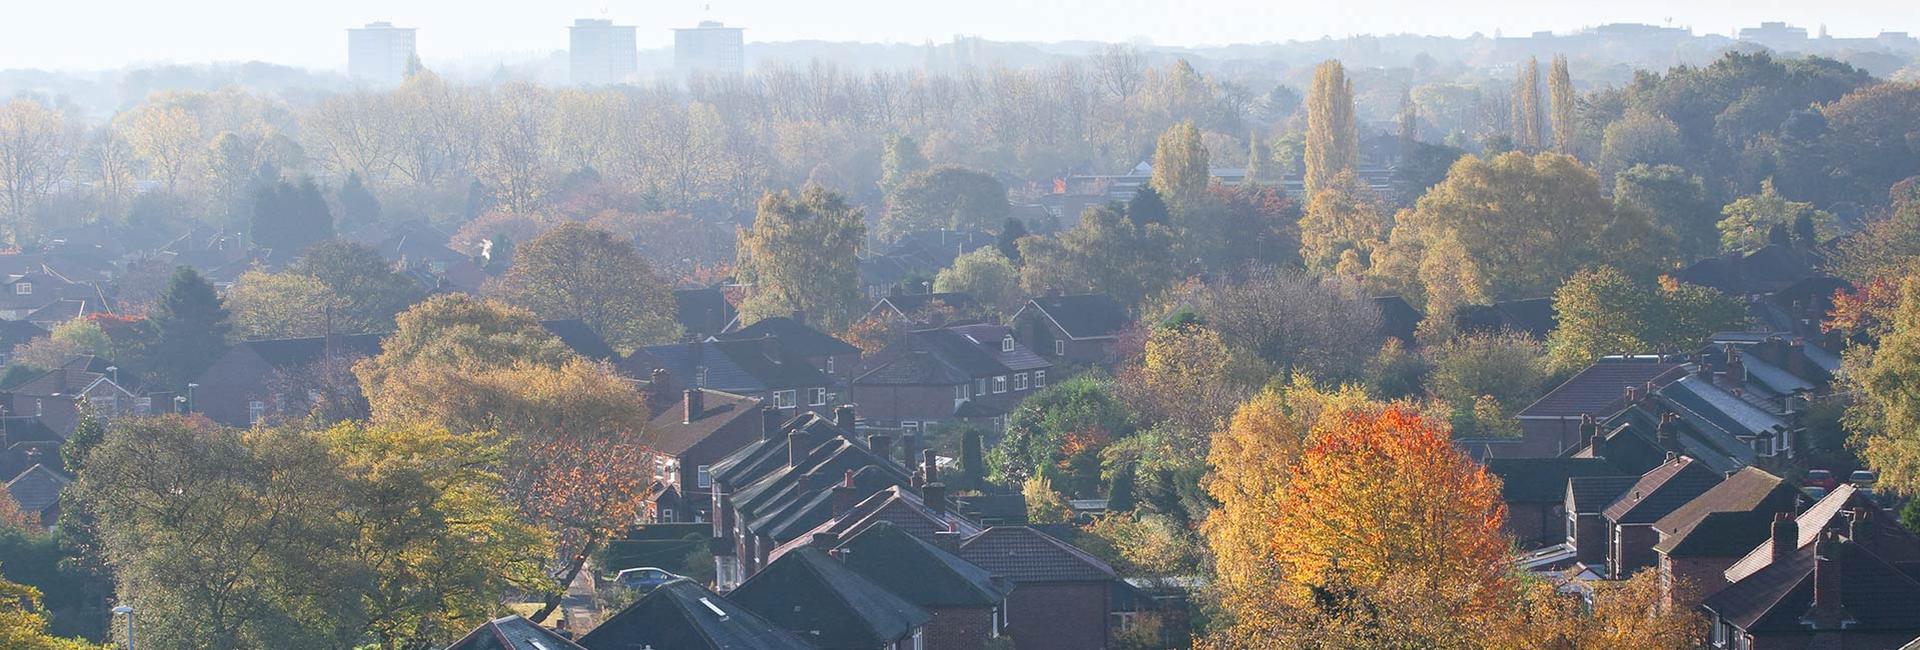 Autumn Property Market - Property Activity